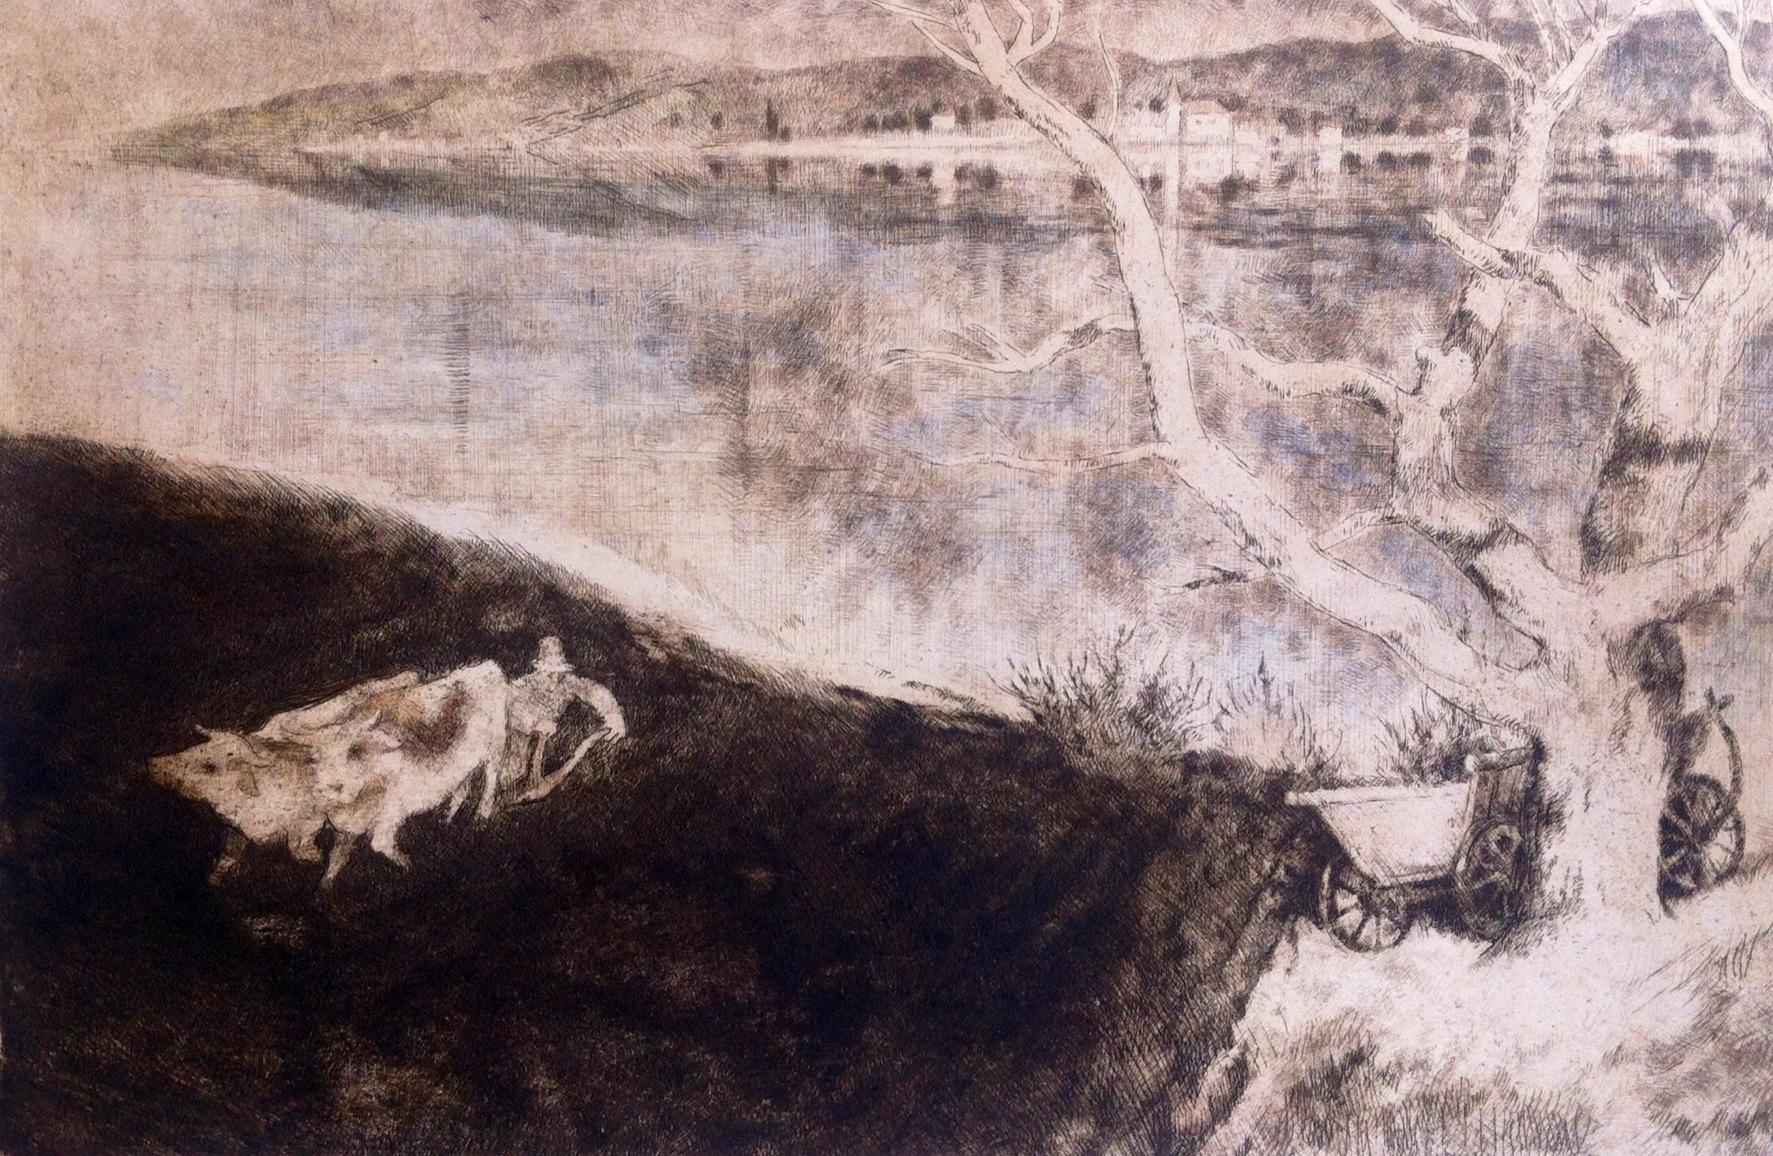 Szőnyi, István: Spring ploughing